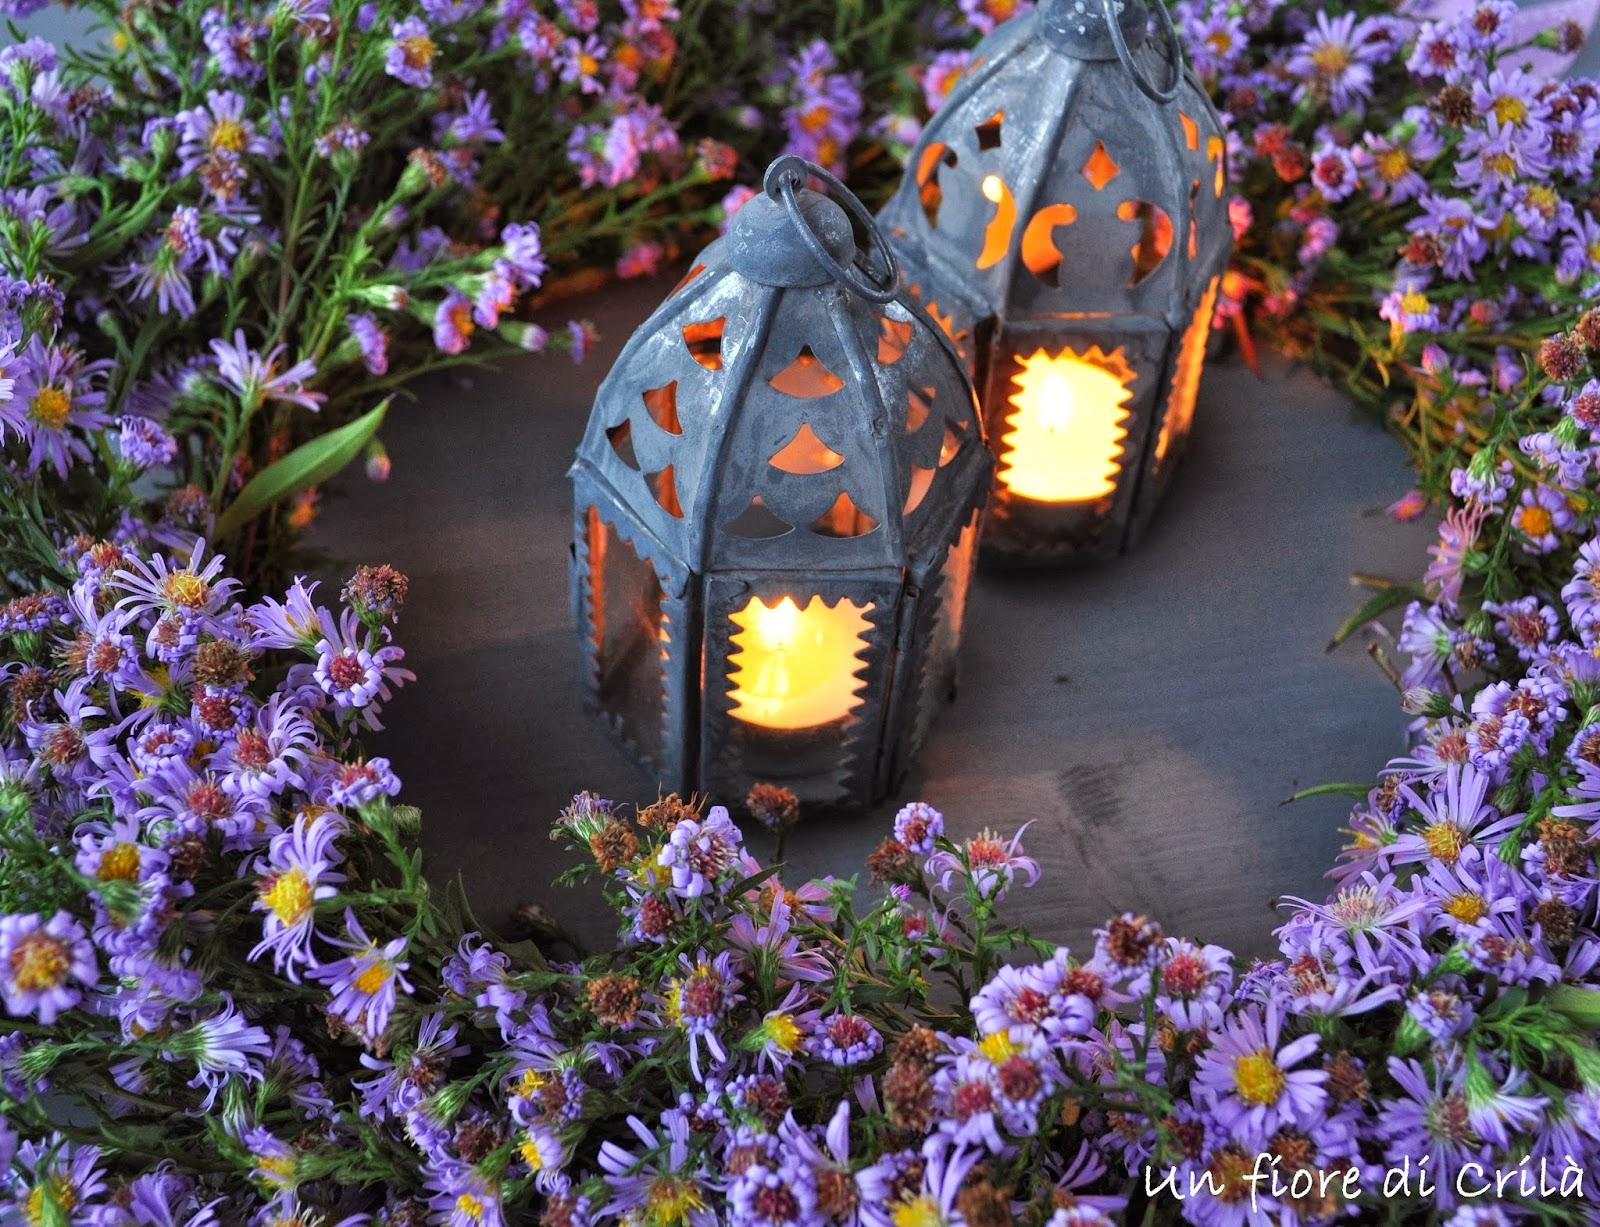 Un fiore di cril ghirlanda settembrina - Settembrini fiori ...